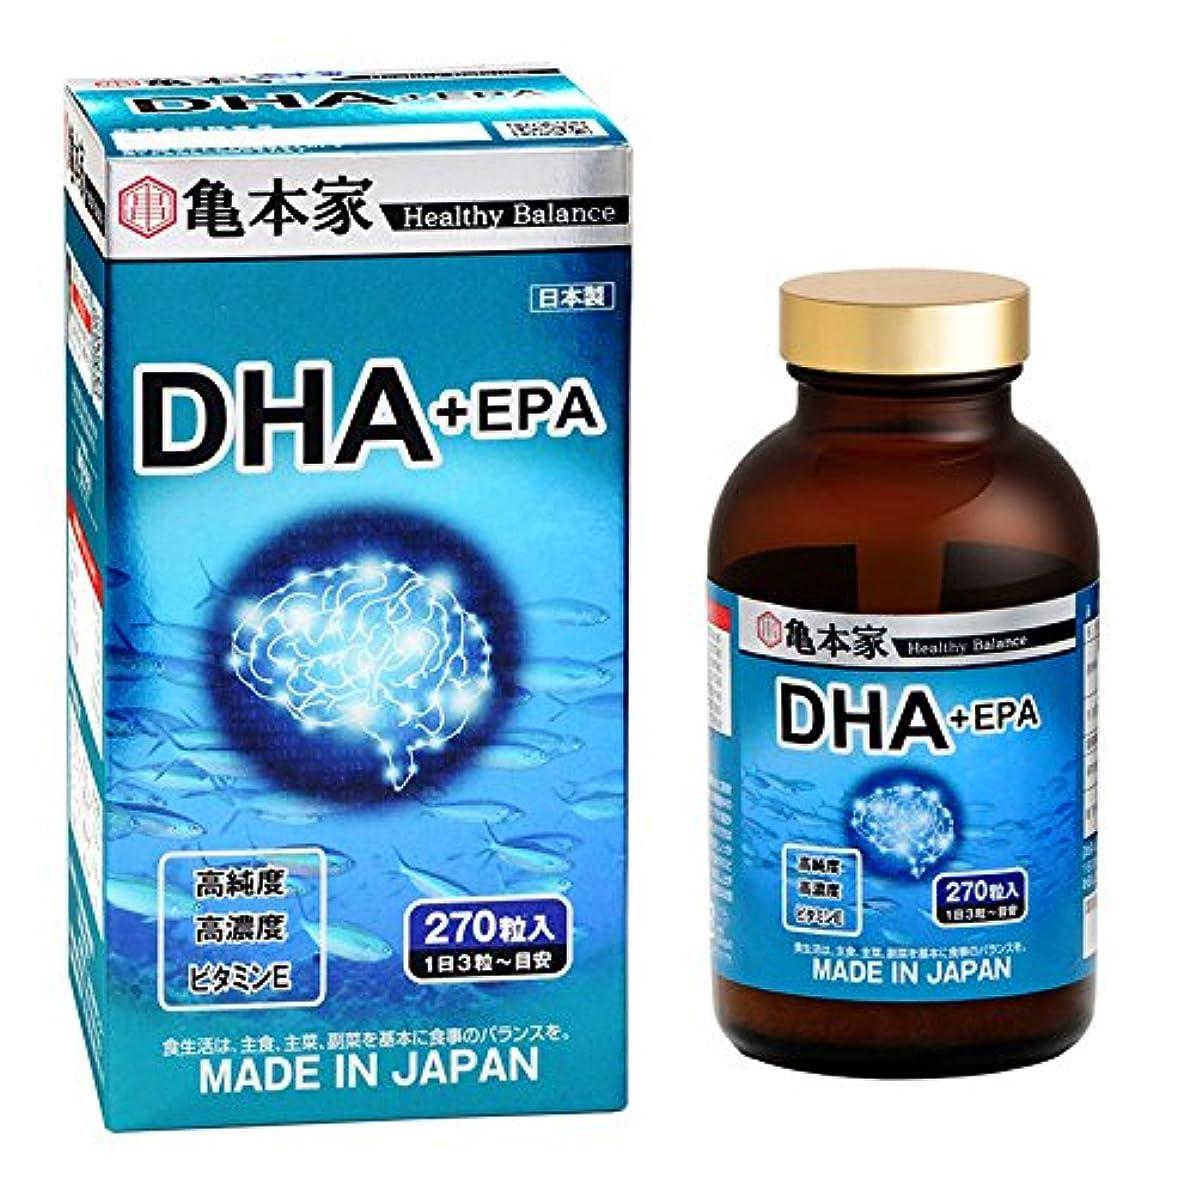 露出度の高い消去バルーン亀本家 DHA+EPA -SH762285